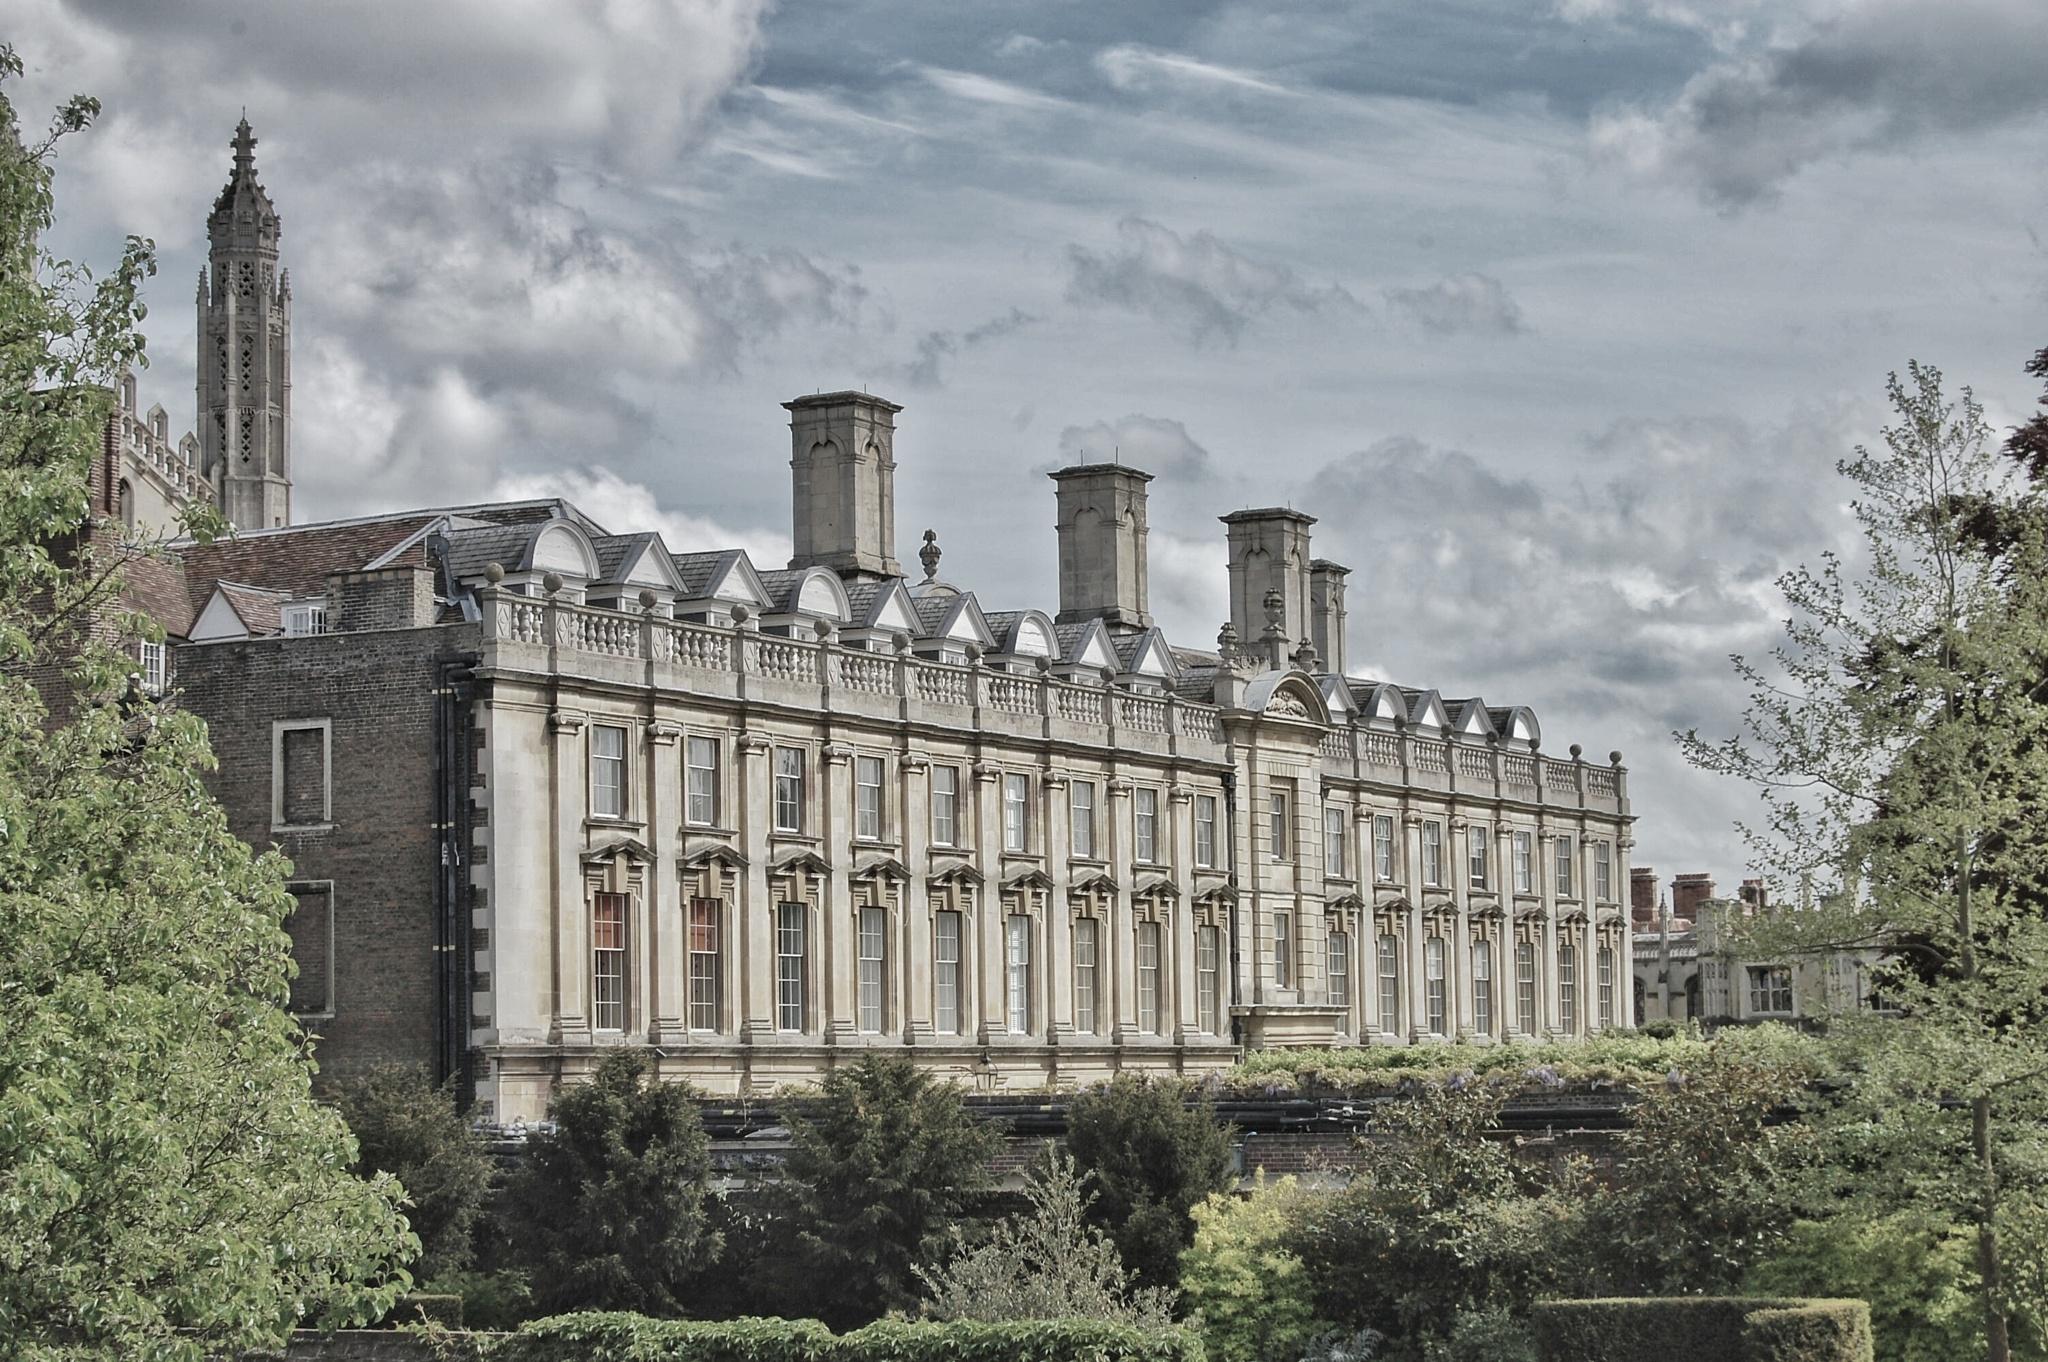 Cambridge Backs by Darren Welch